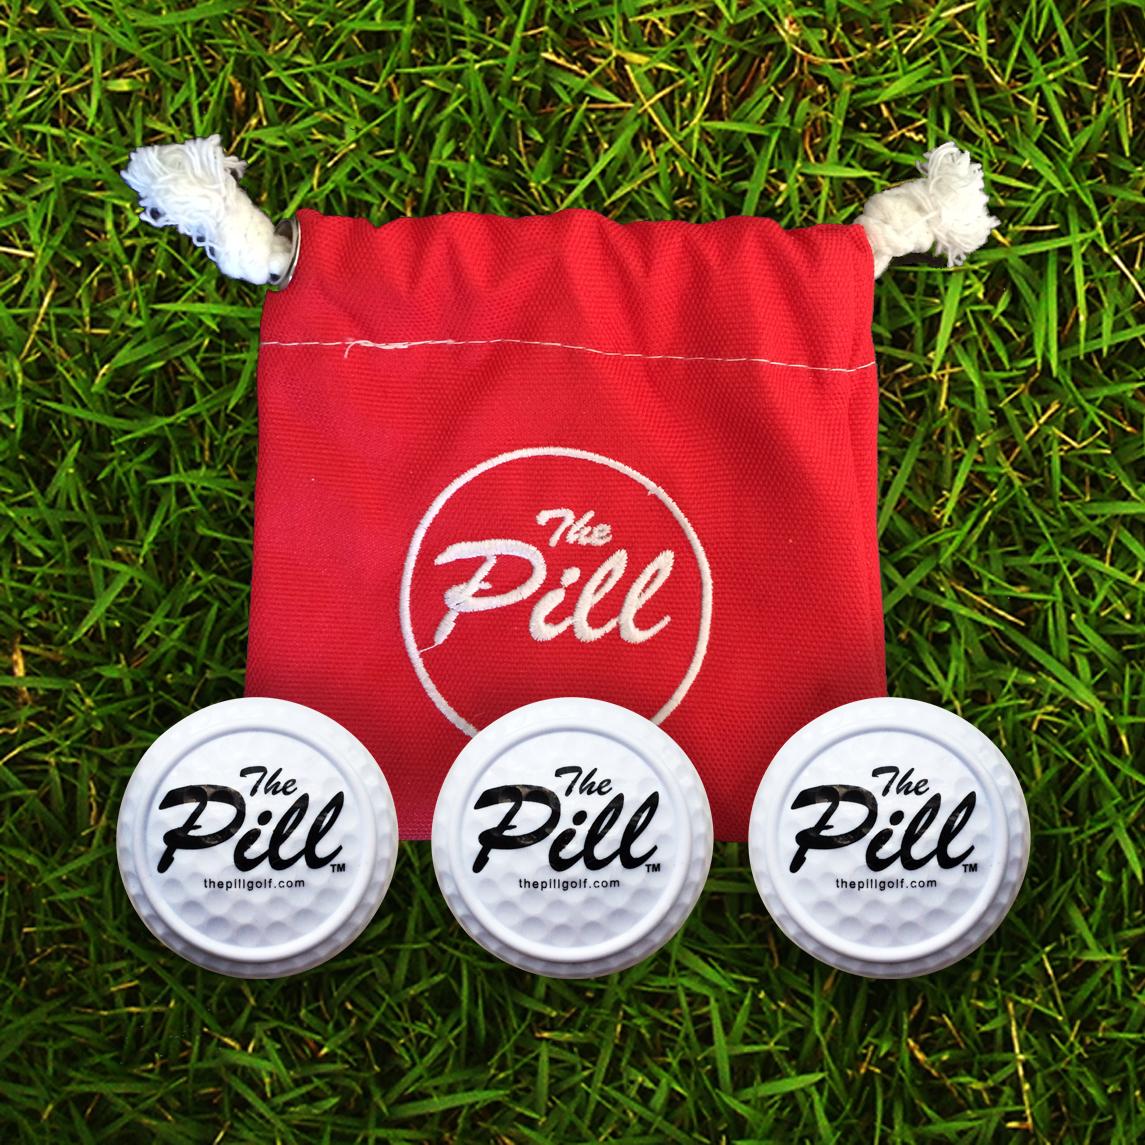 Pill-3_grass.jpg